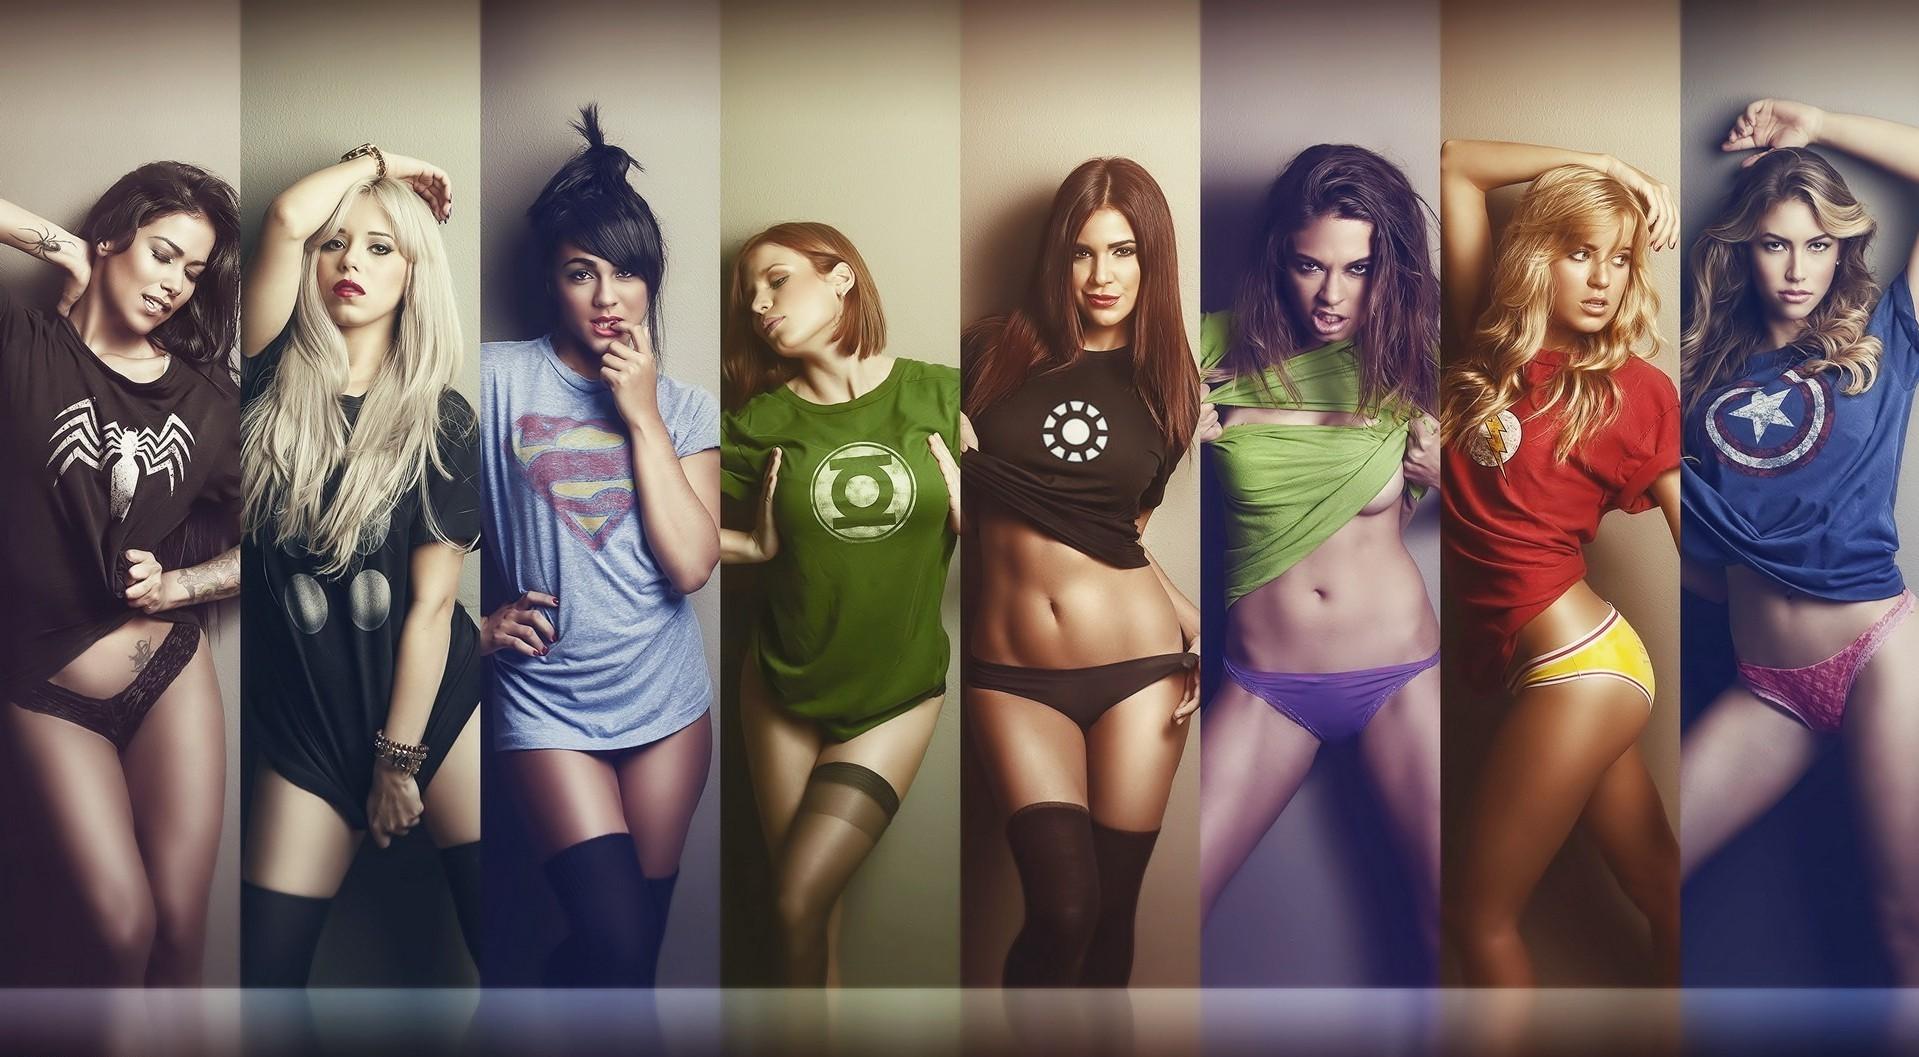 обои на рабочий стол девушки в футболках супергероев № 243098 загрузить